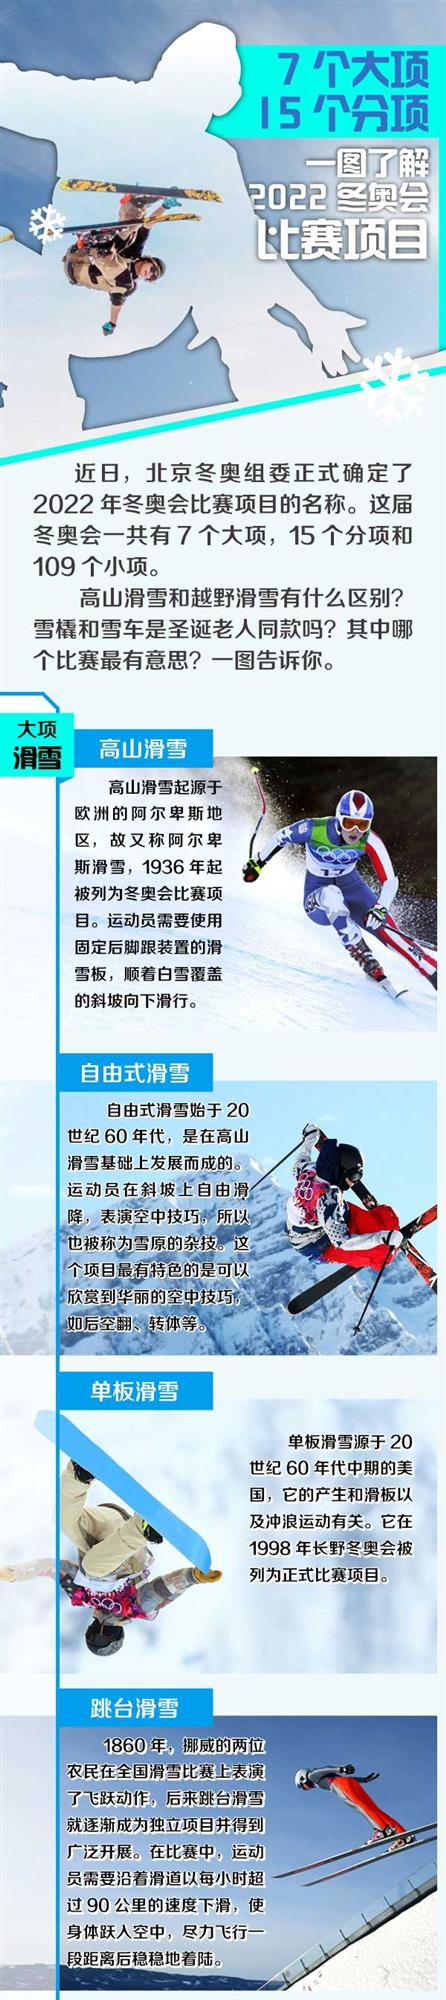 7个大项,15个分项 一图了解2022冬奥会比赛项目图片